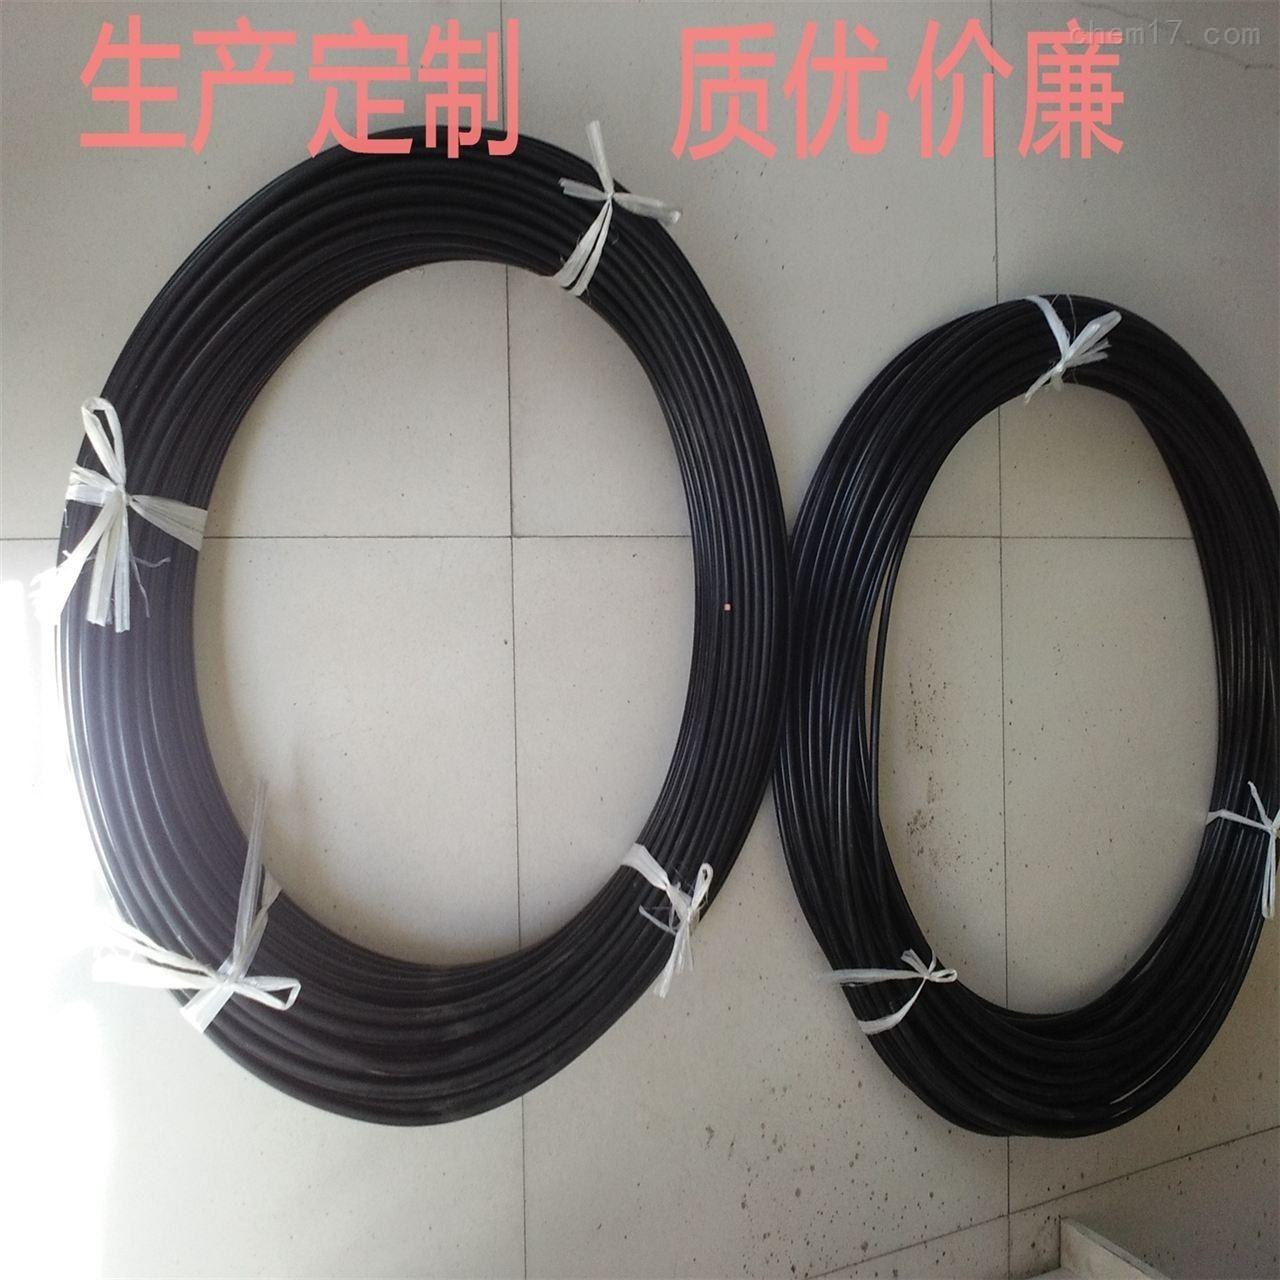 兴化PVC护套紫铜管φ6*1、φ8*1、φ10*1